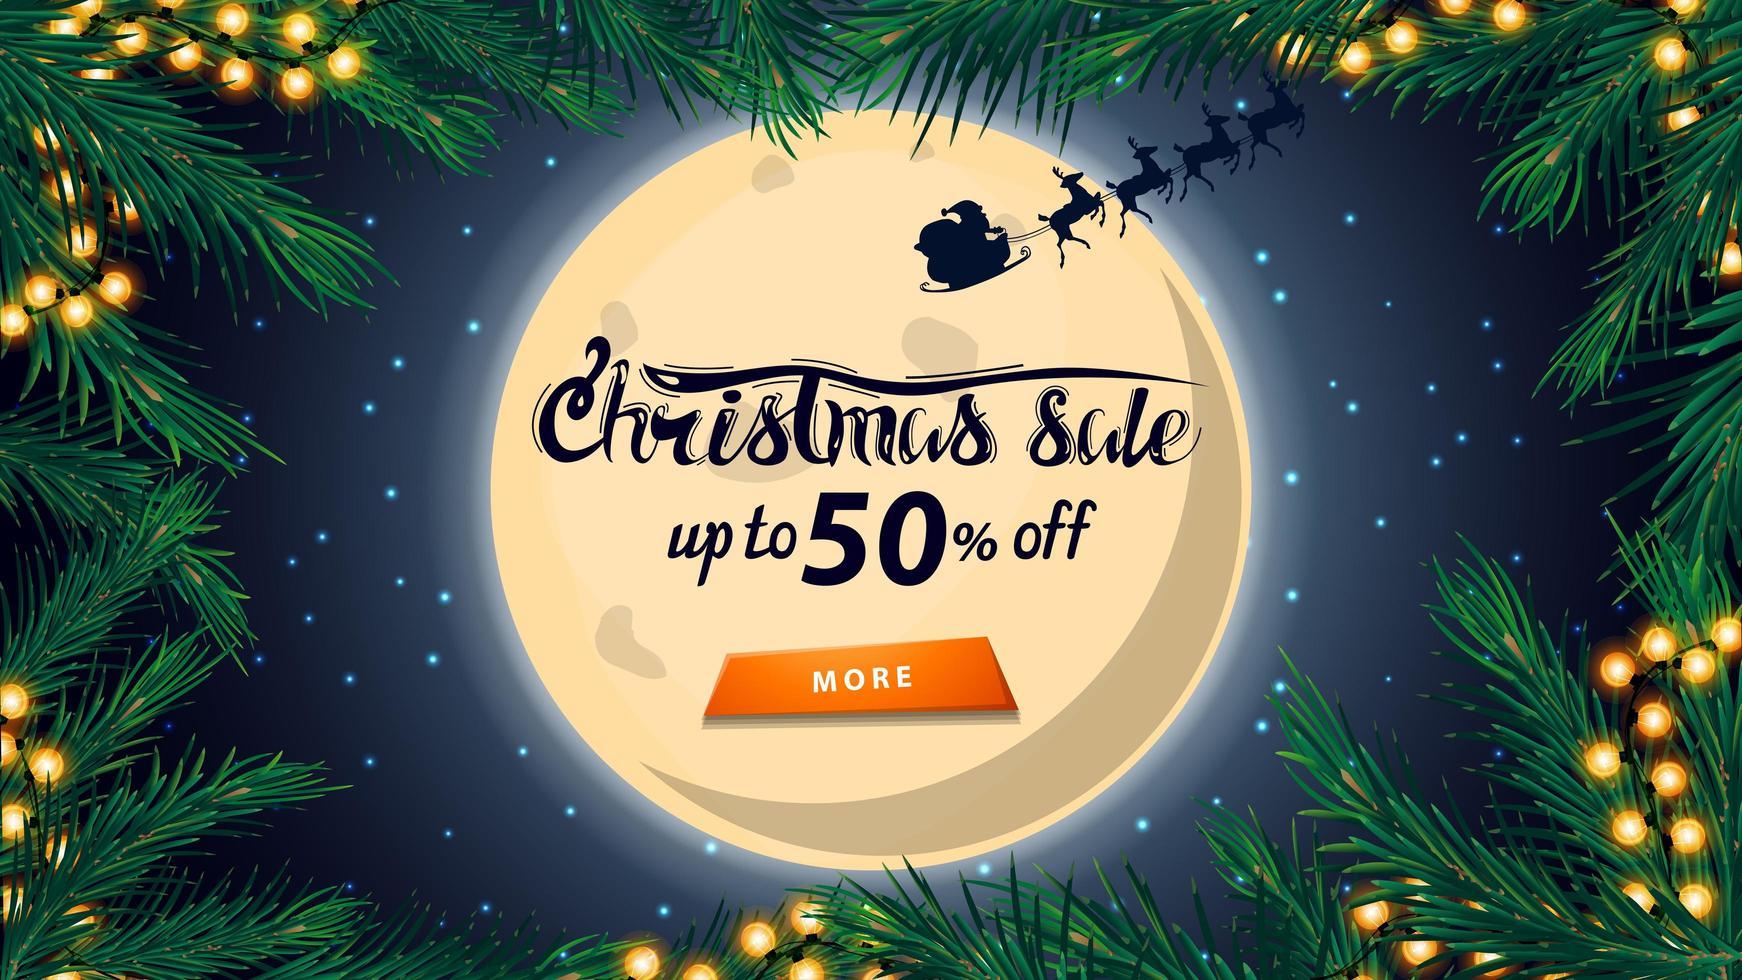 Weihnachtsverkauf, bis zu 50 Rabatt, Rabatt-Banner mit großem Vollmond am Sternenhimmel, Silhouette Weihnachtsmann, Rahmen des Weihnachtsbaumes und orange Knopf vektor